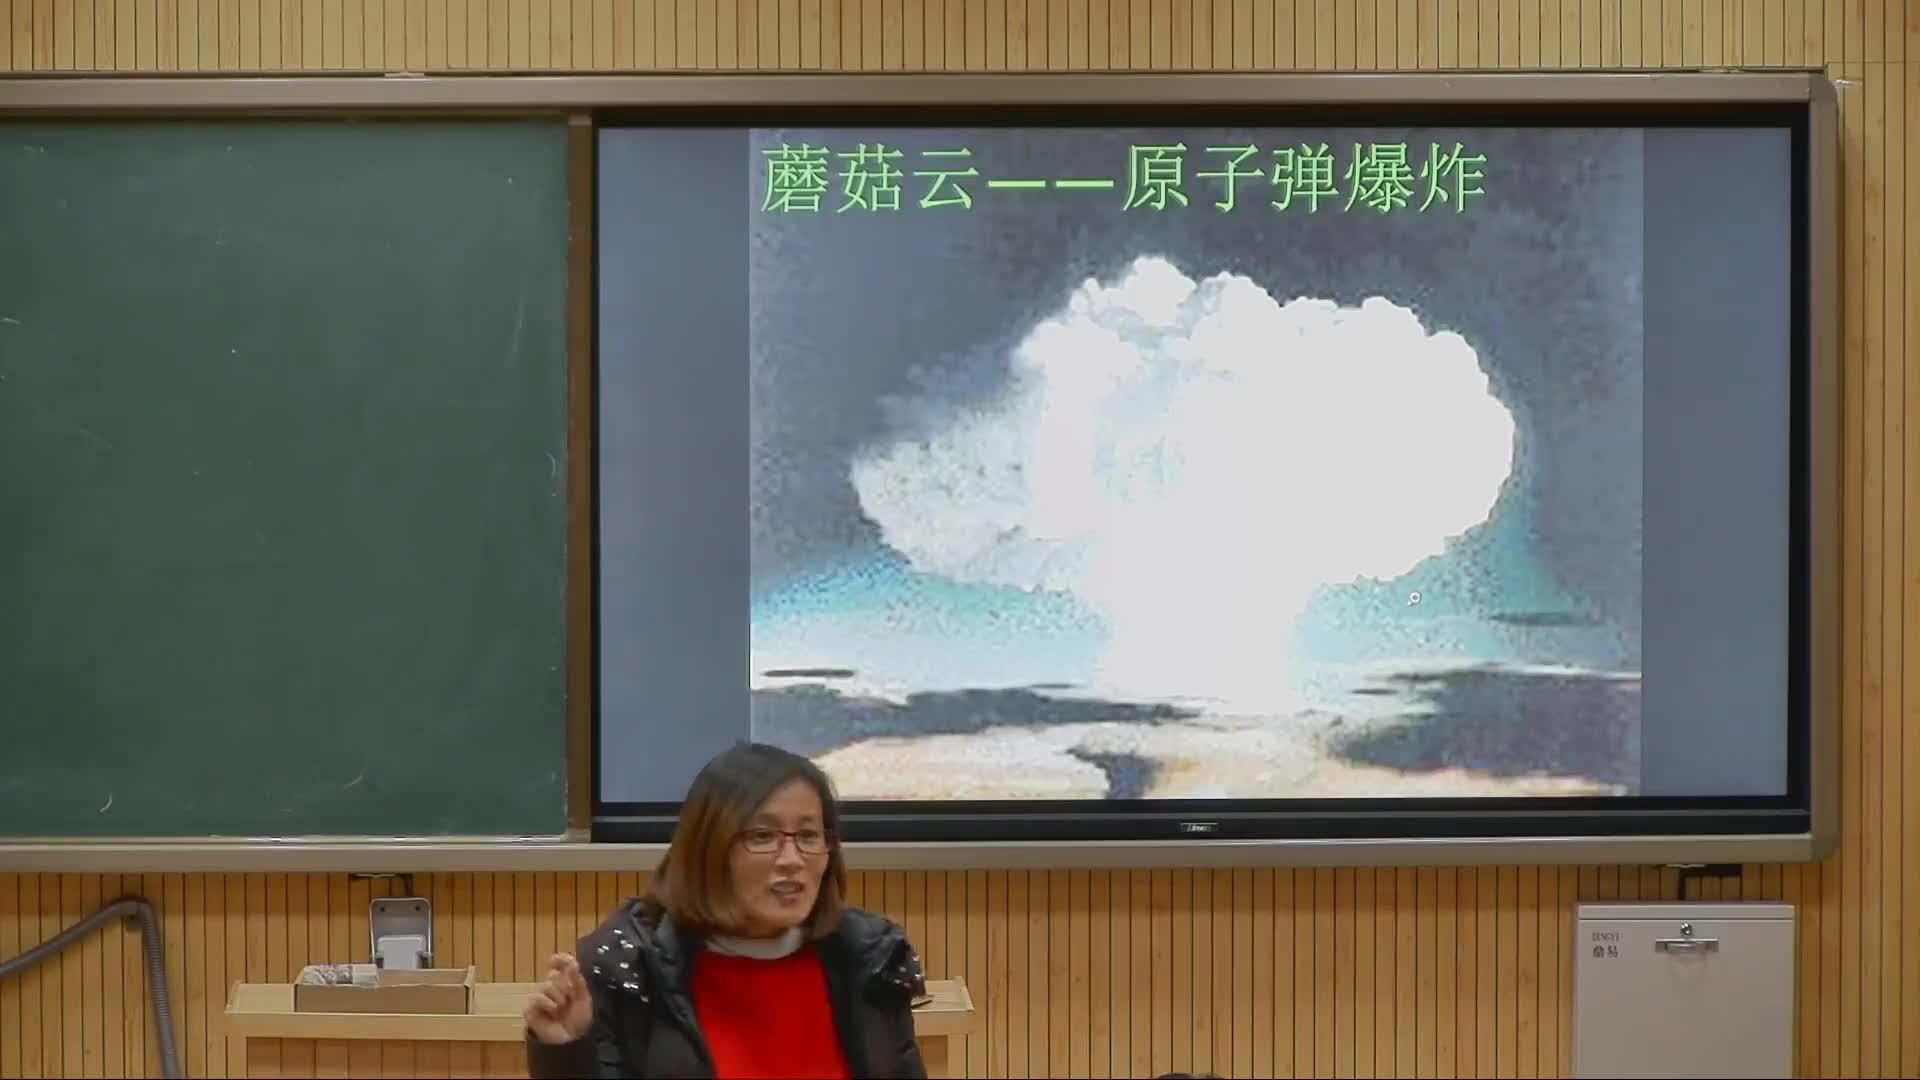 鲁教版(五四制)八年级化学全册 第三单元 第一节 原子的构成-课堂实录